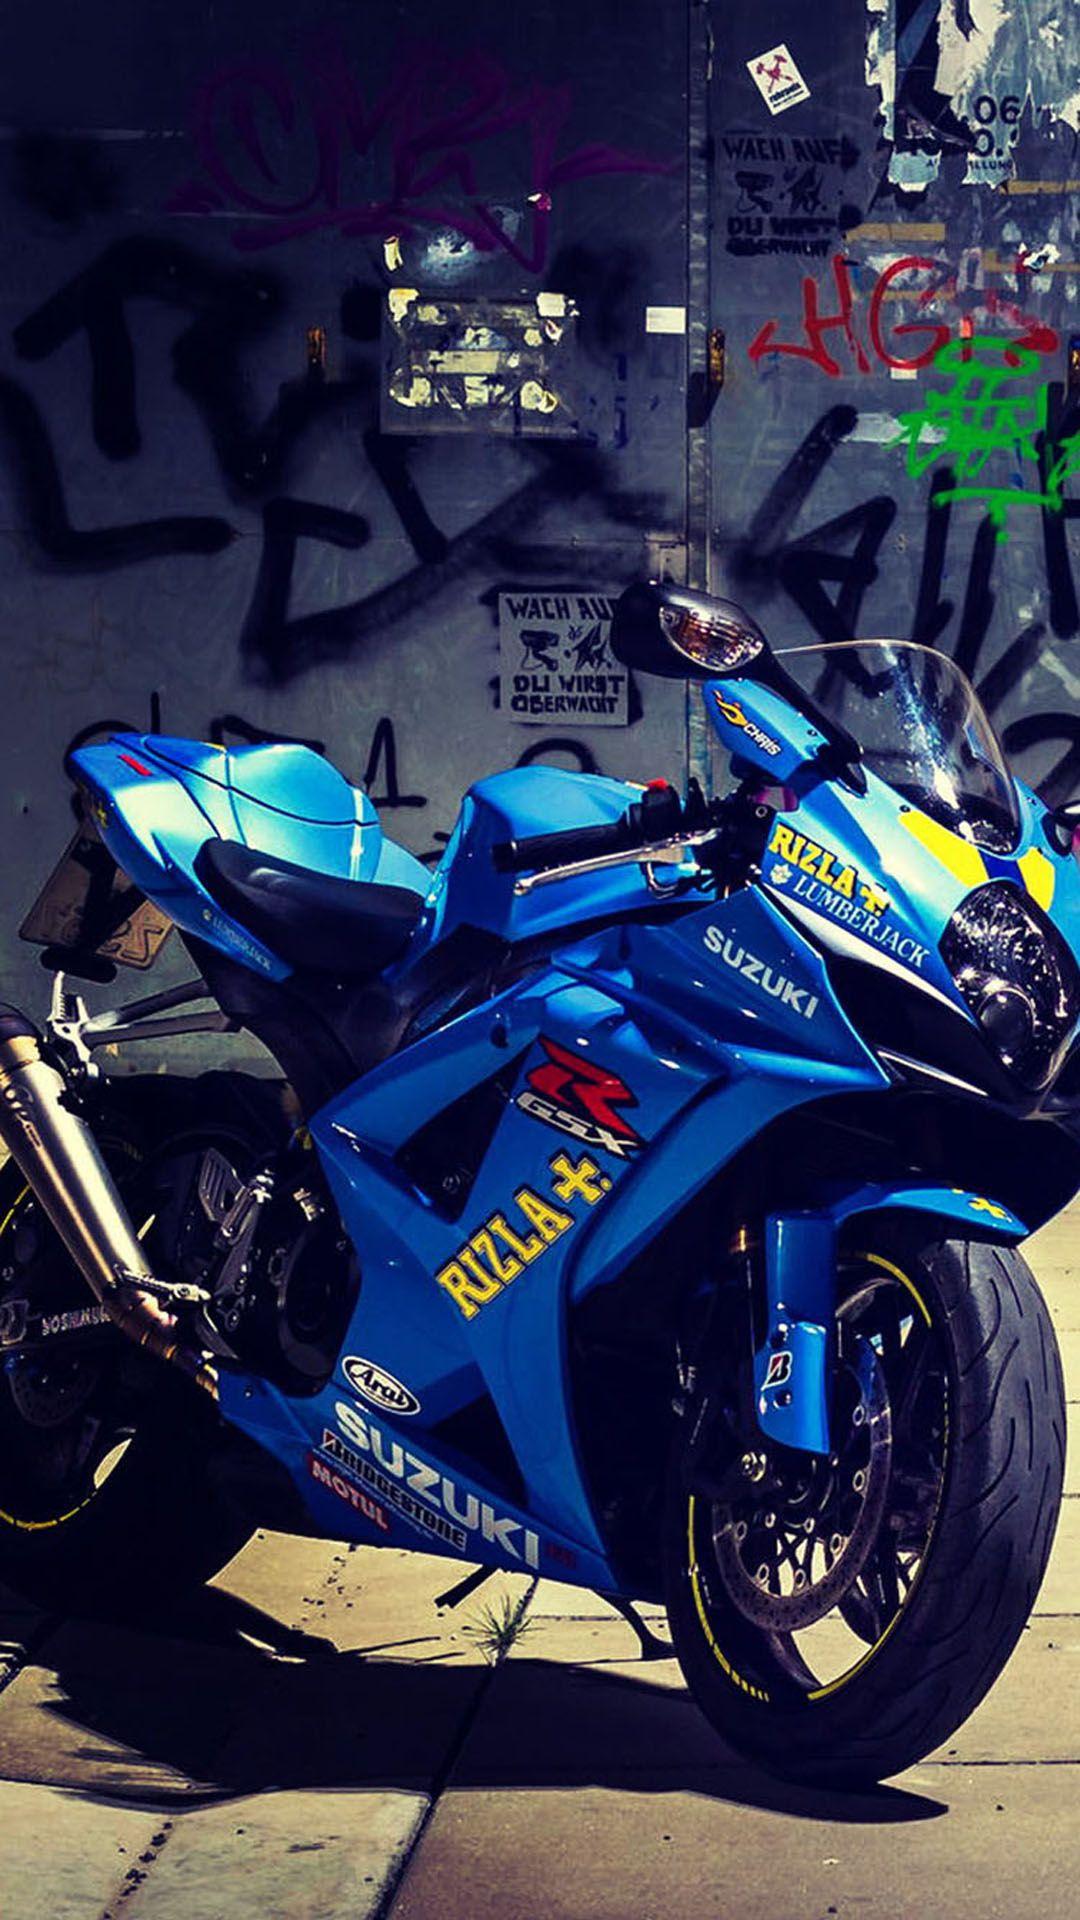 Suzuki Gsx R1000 スーパーバイク バイクアート スズキ バイク